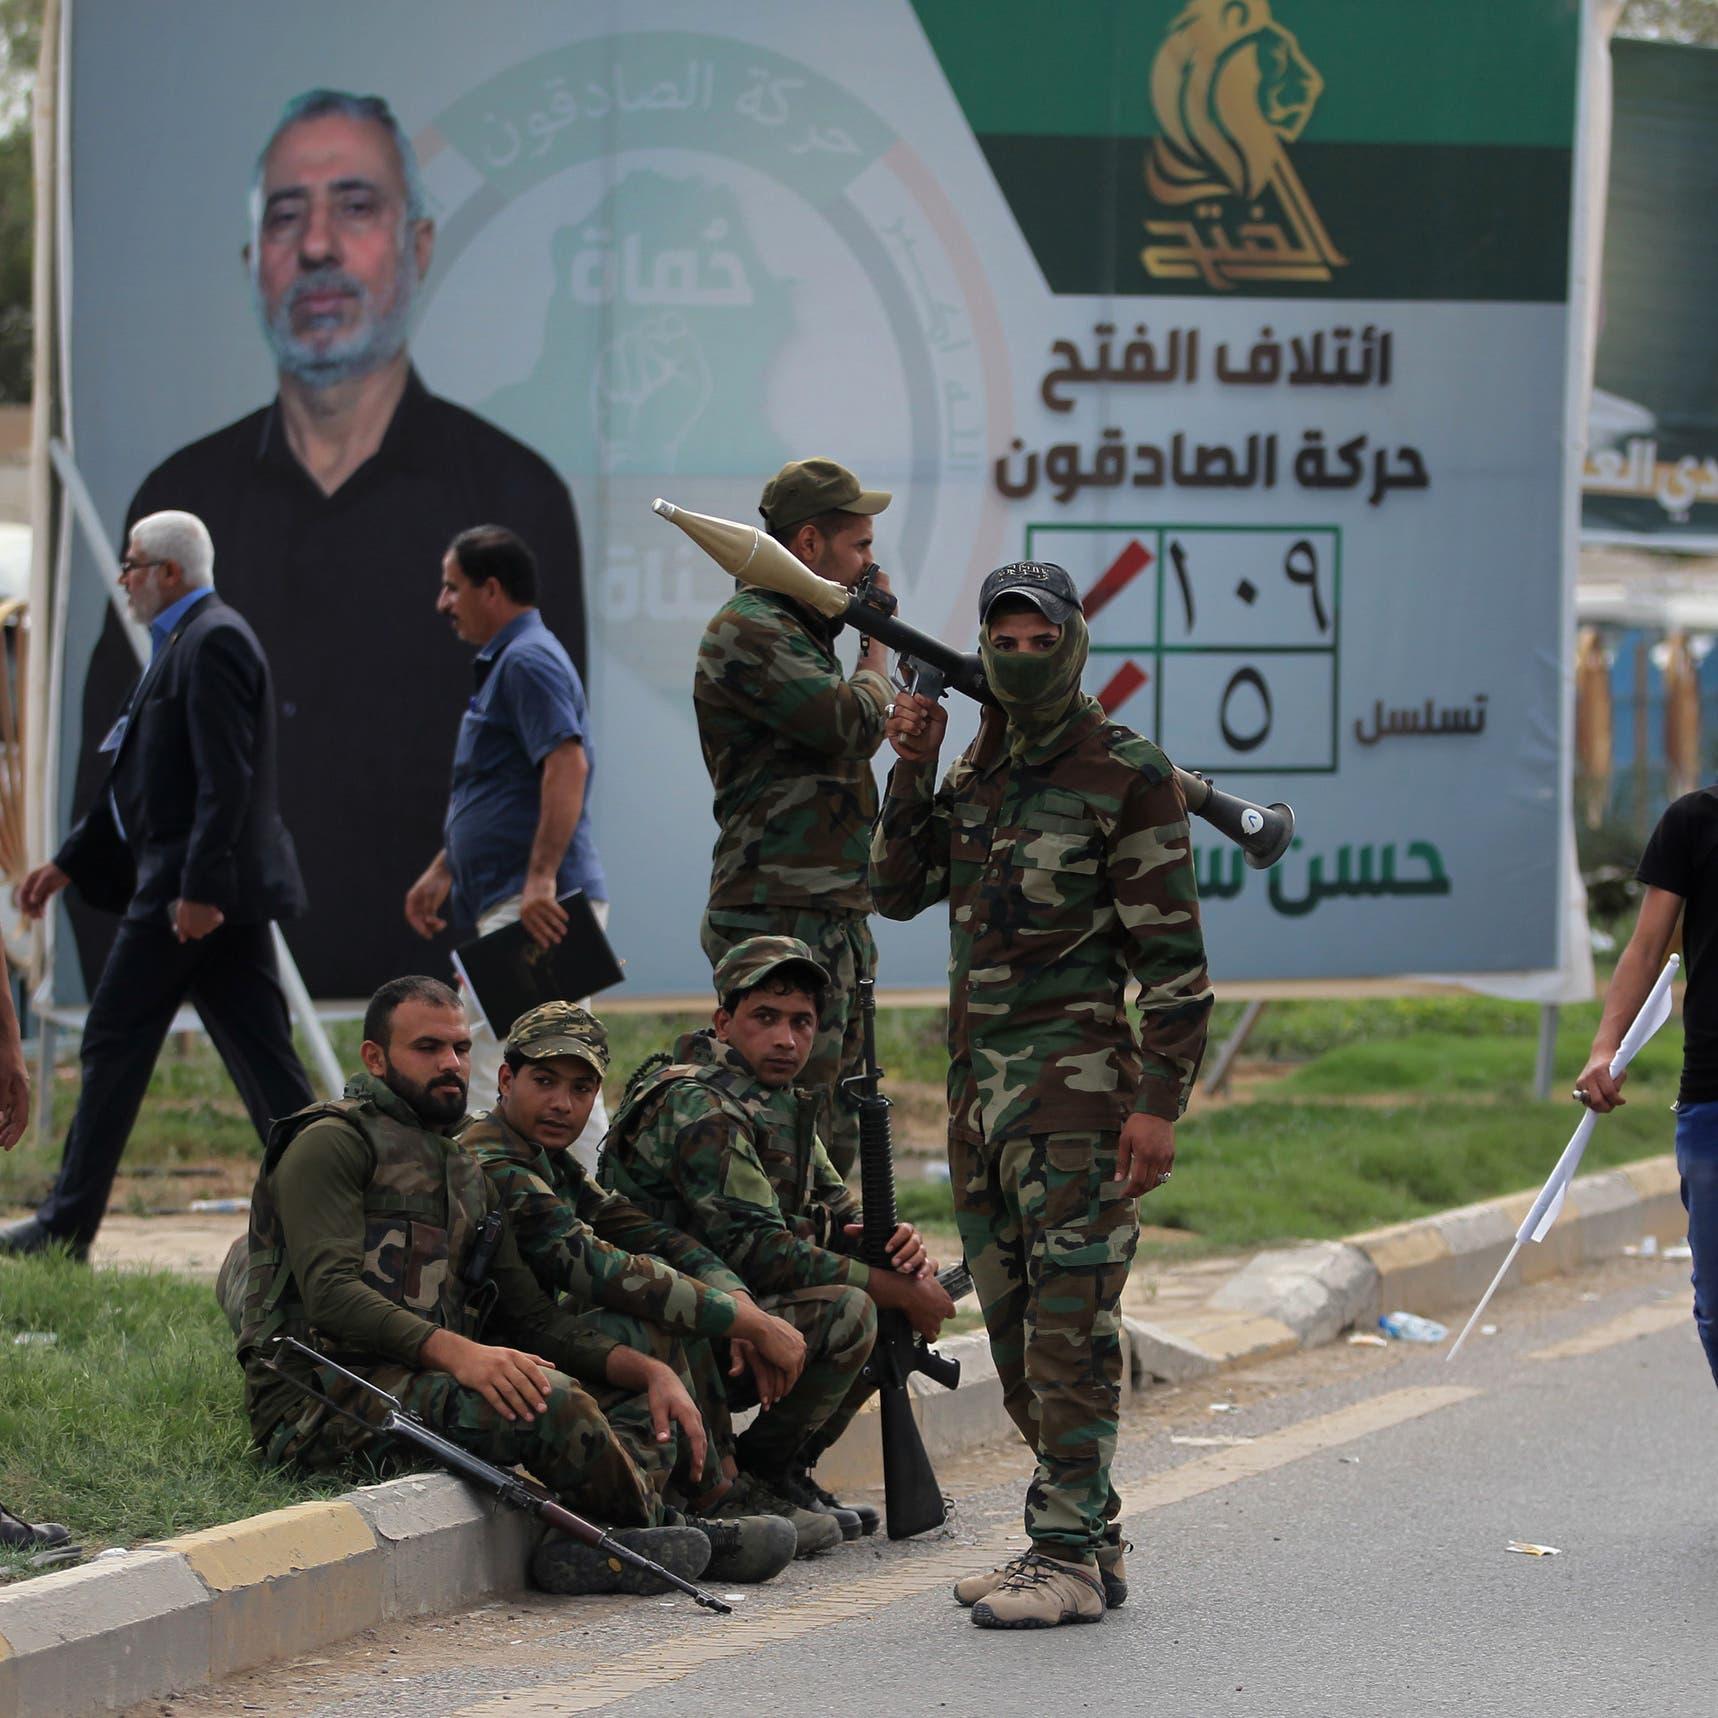 قصف أغاظها.. ميليشيات العراق تفض التفاهم